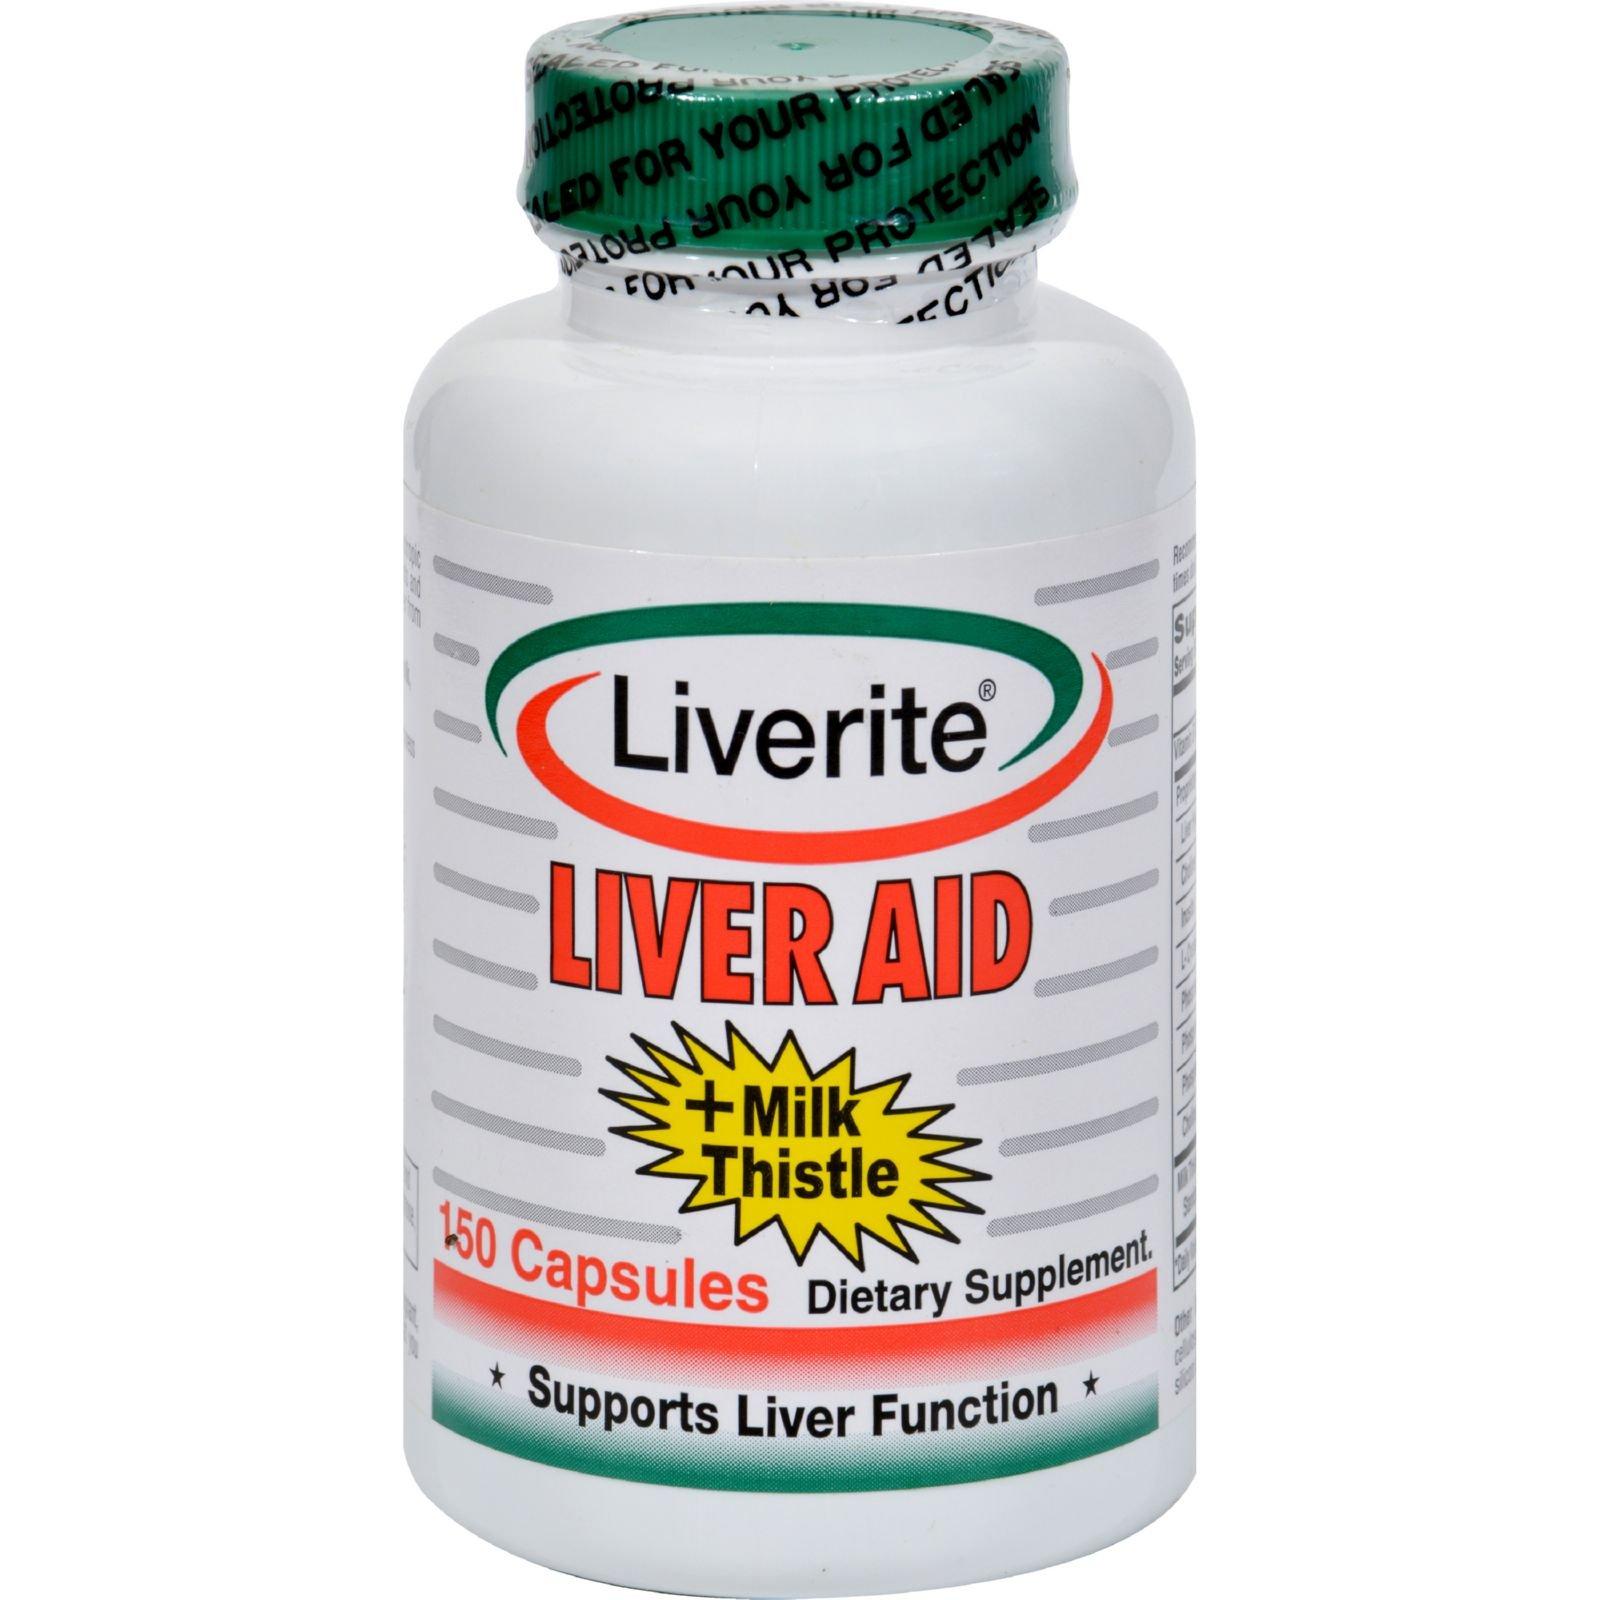 2Pack! Liverite Liver Aid Plus Milk Thistle - 150 Capsules